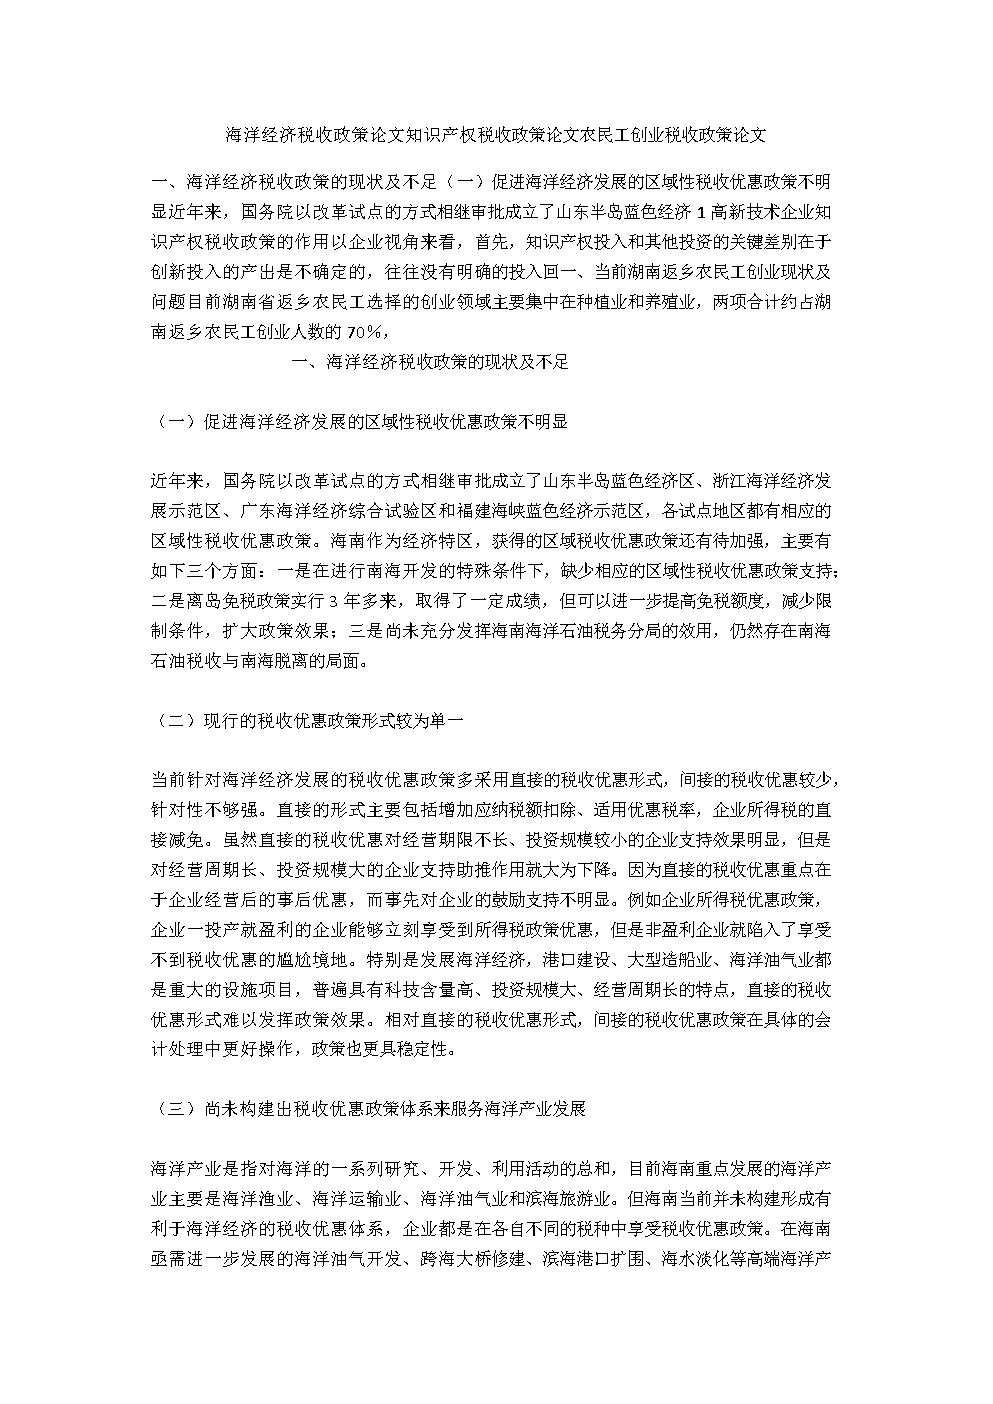 税收政策论文海洋经济产权农民工创业.docx